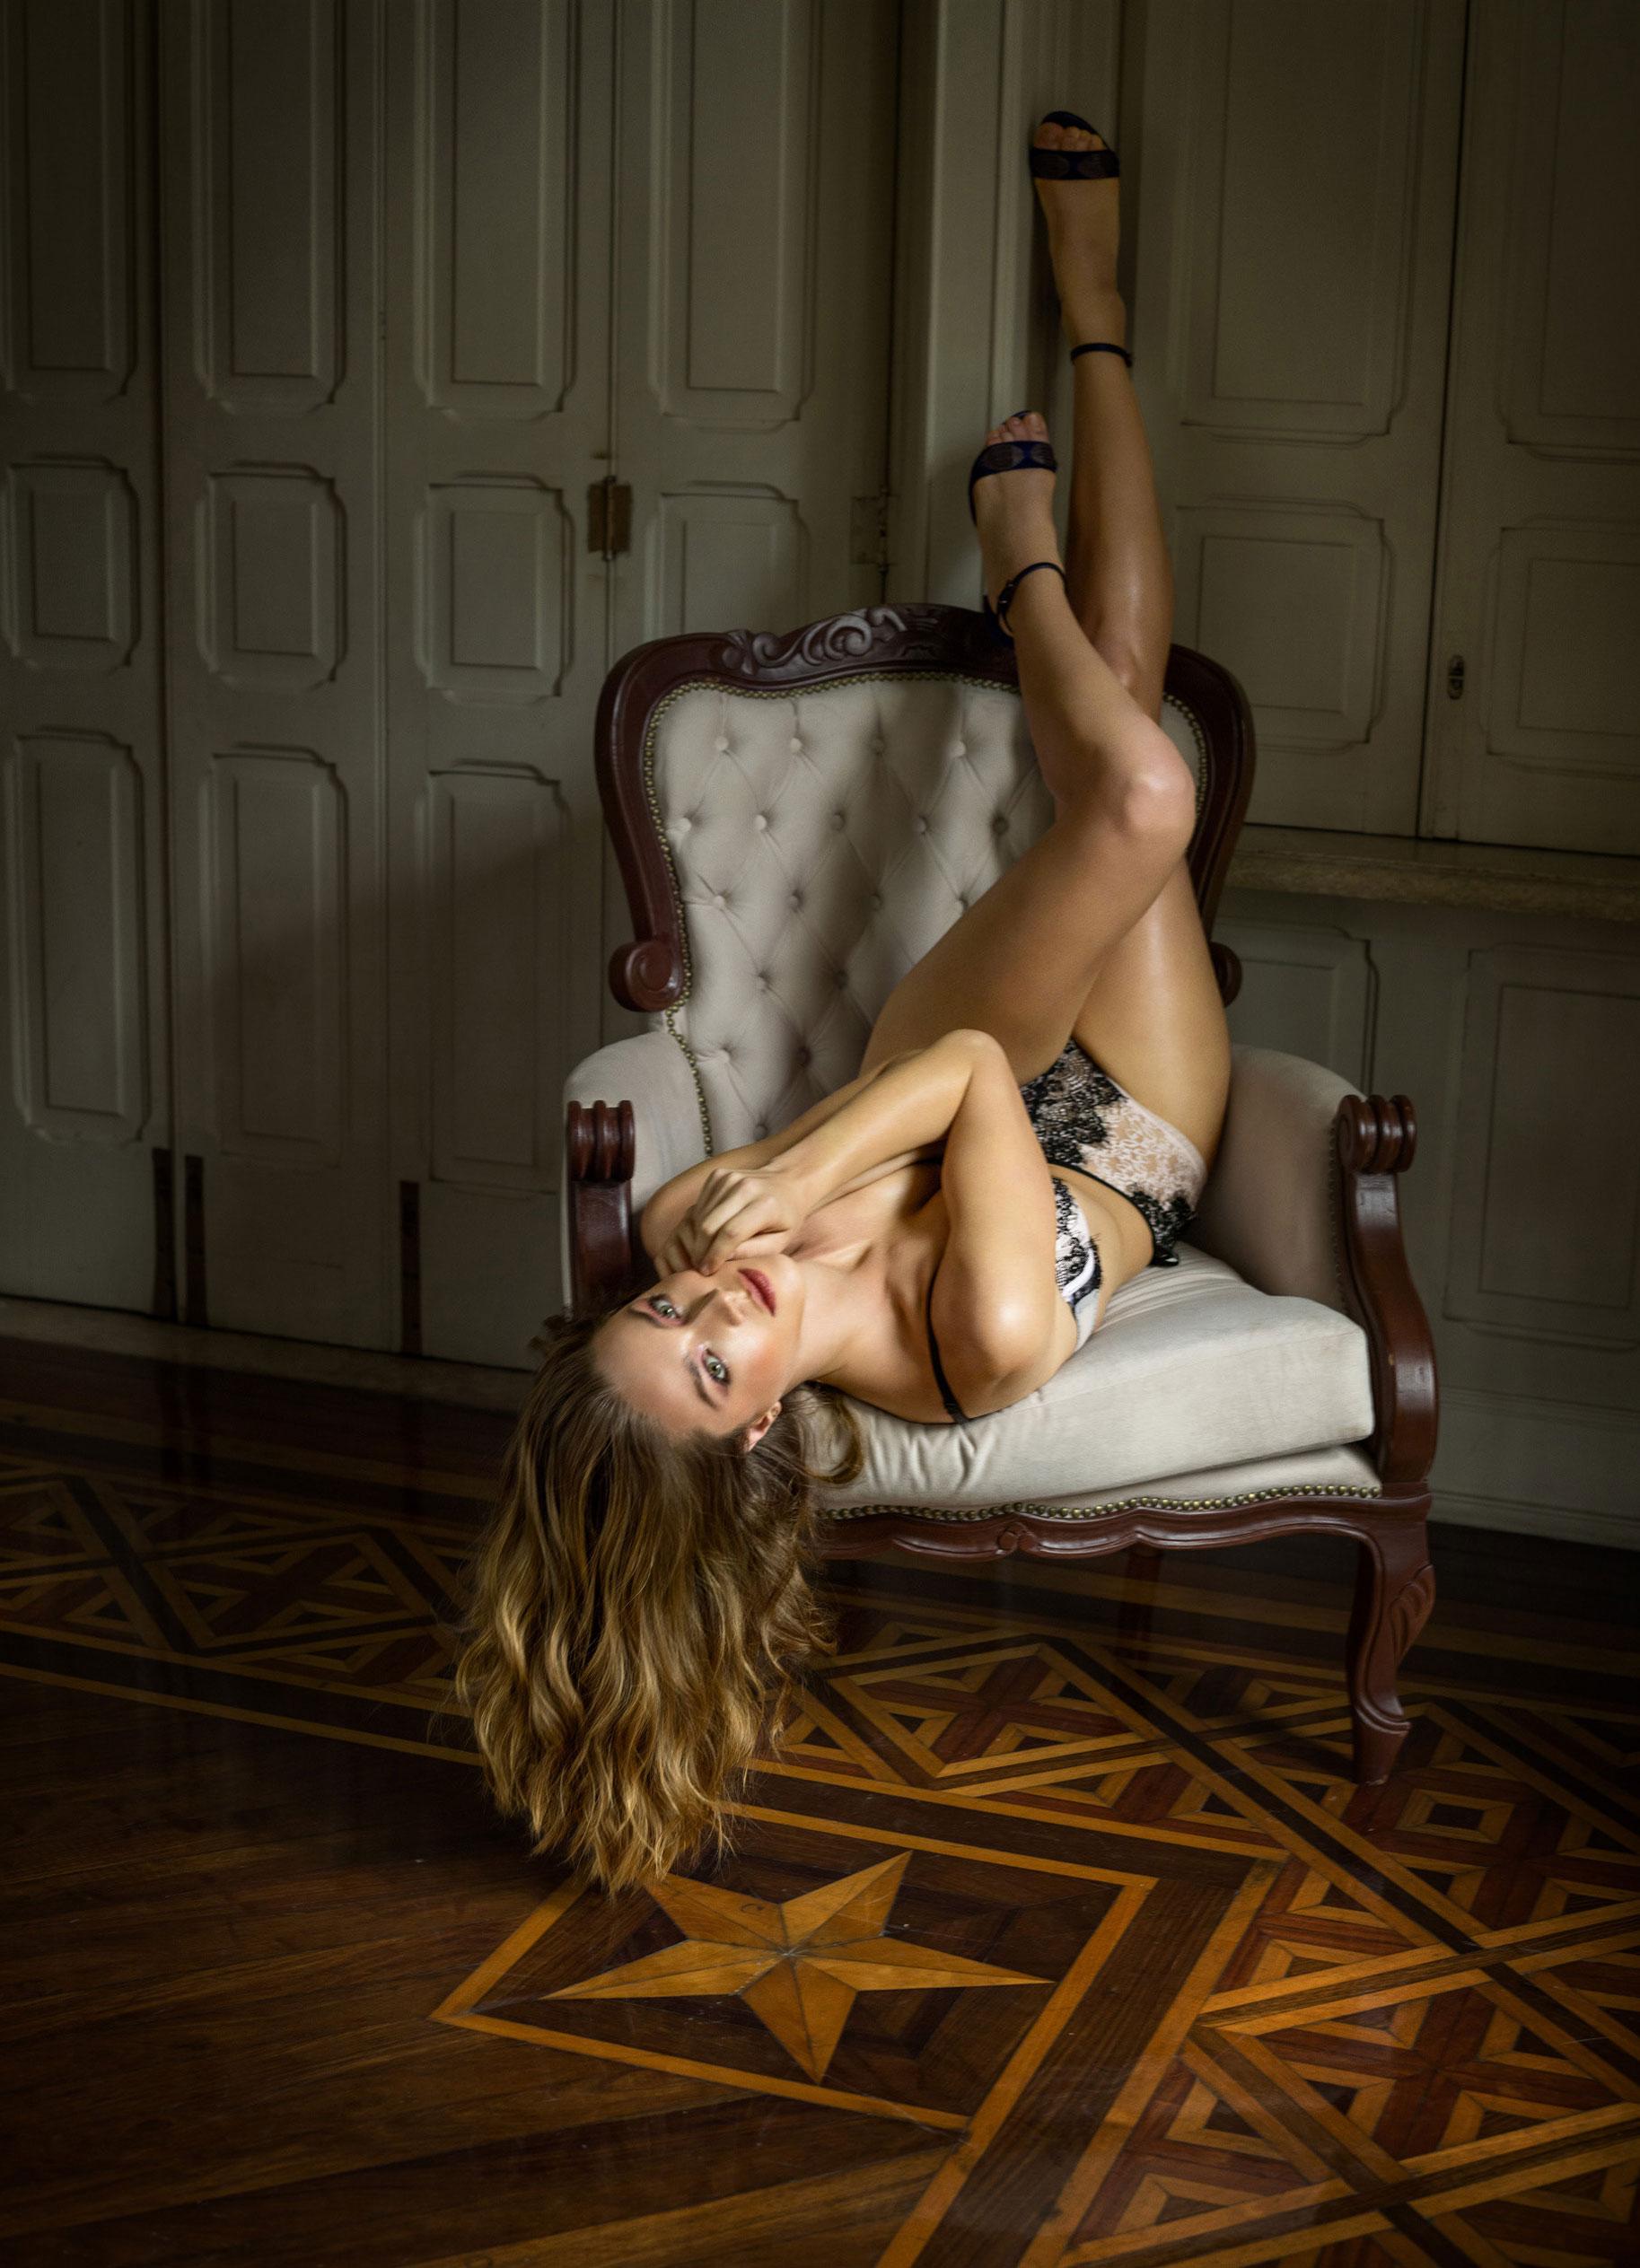 Наталья Эденбург исследует незнакомый замок / фото 08